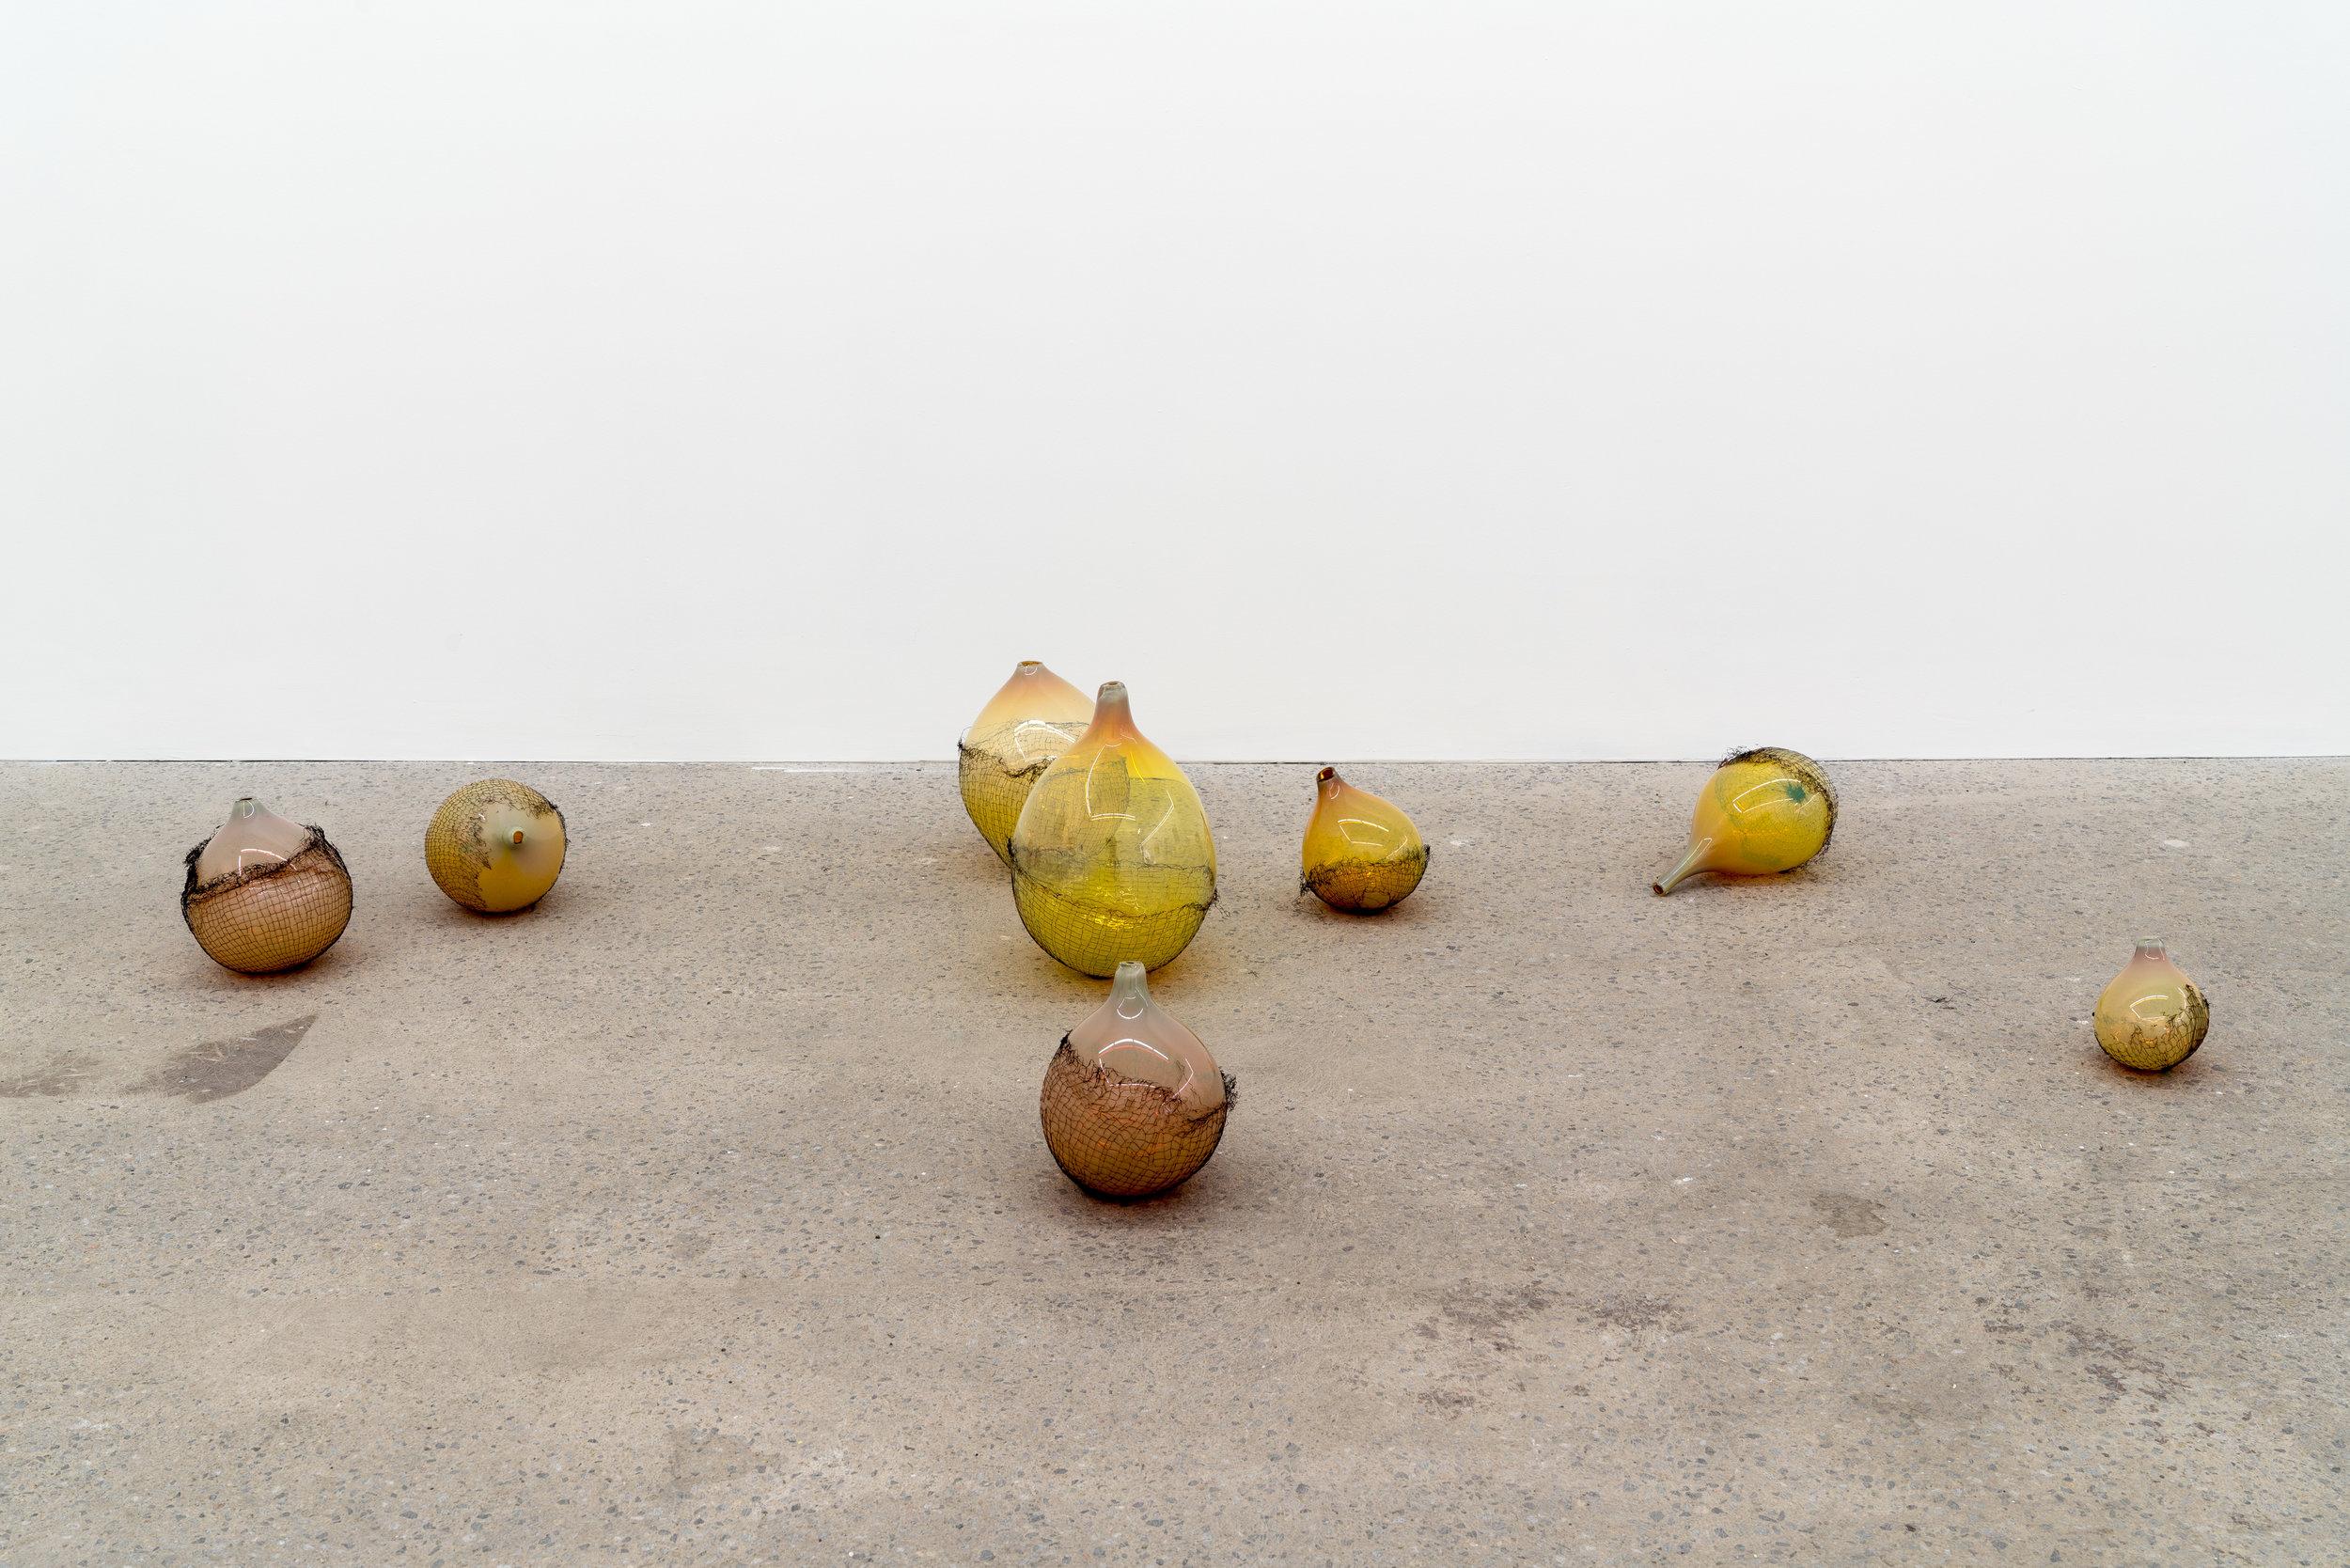 Lorna Bauer,  The Idlers , 2018, verre soufflé et maille de cuivre, dimensions variables